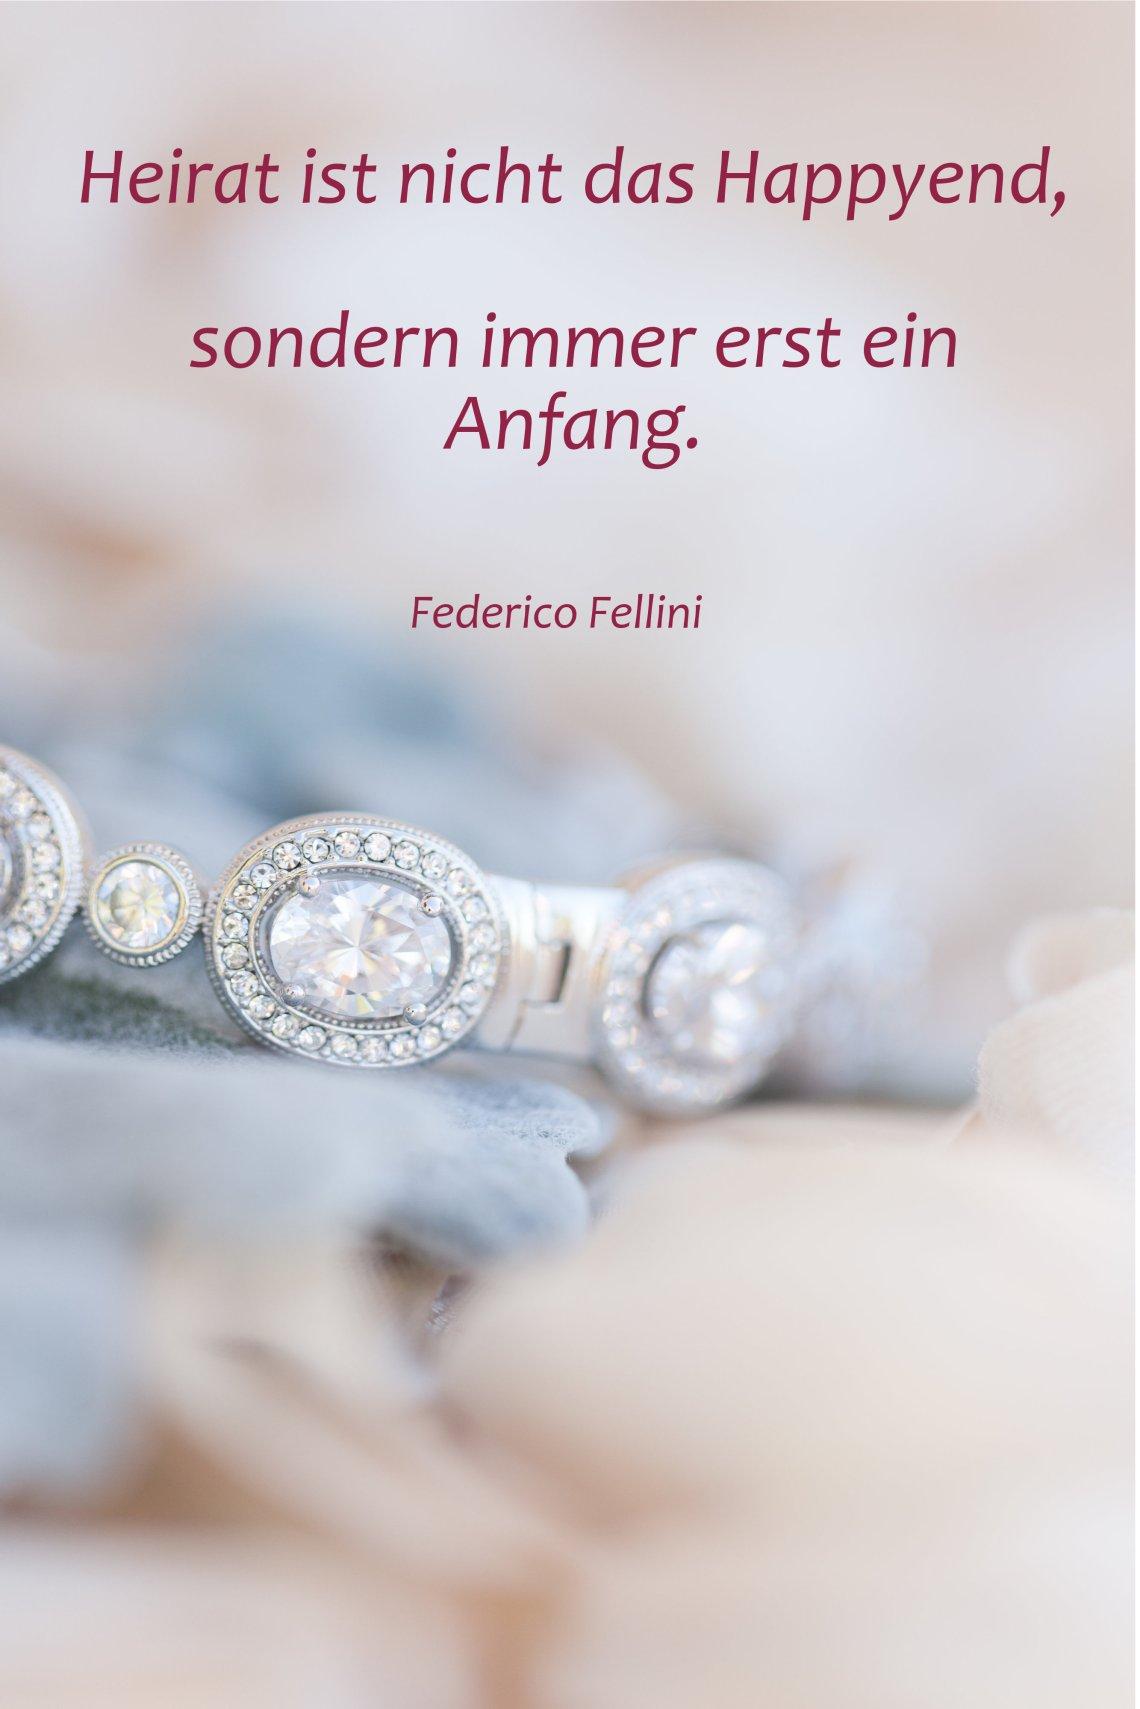 Mustertexte Gluckwunsche Zur Hochzeit Amyjordan Photography